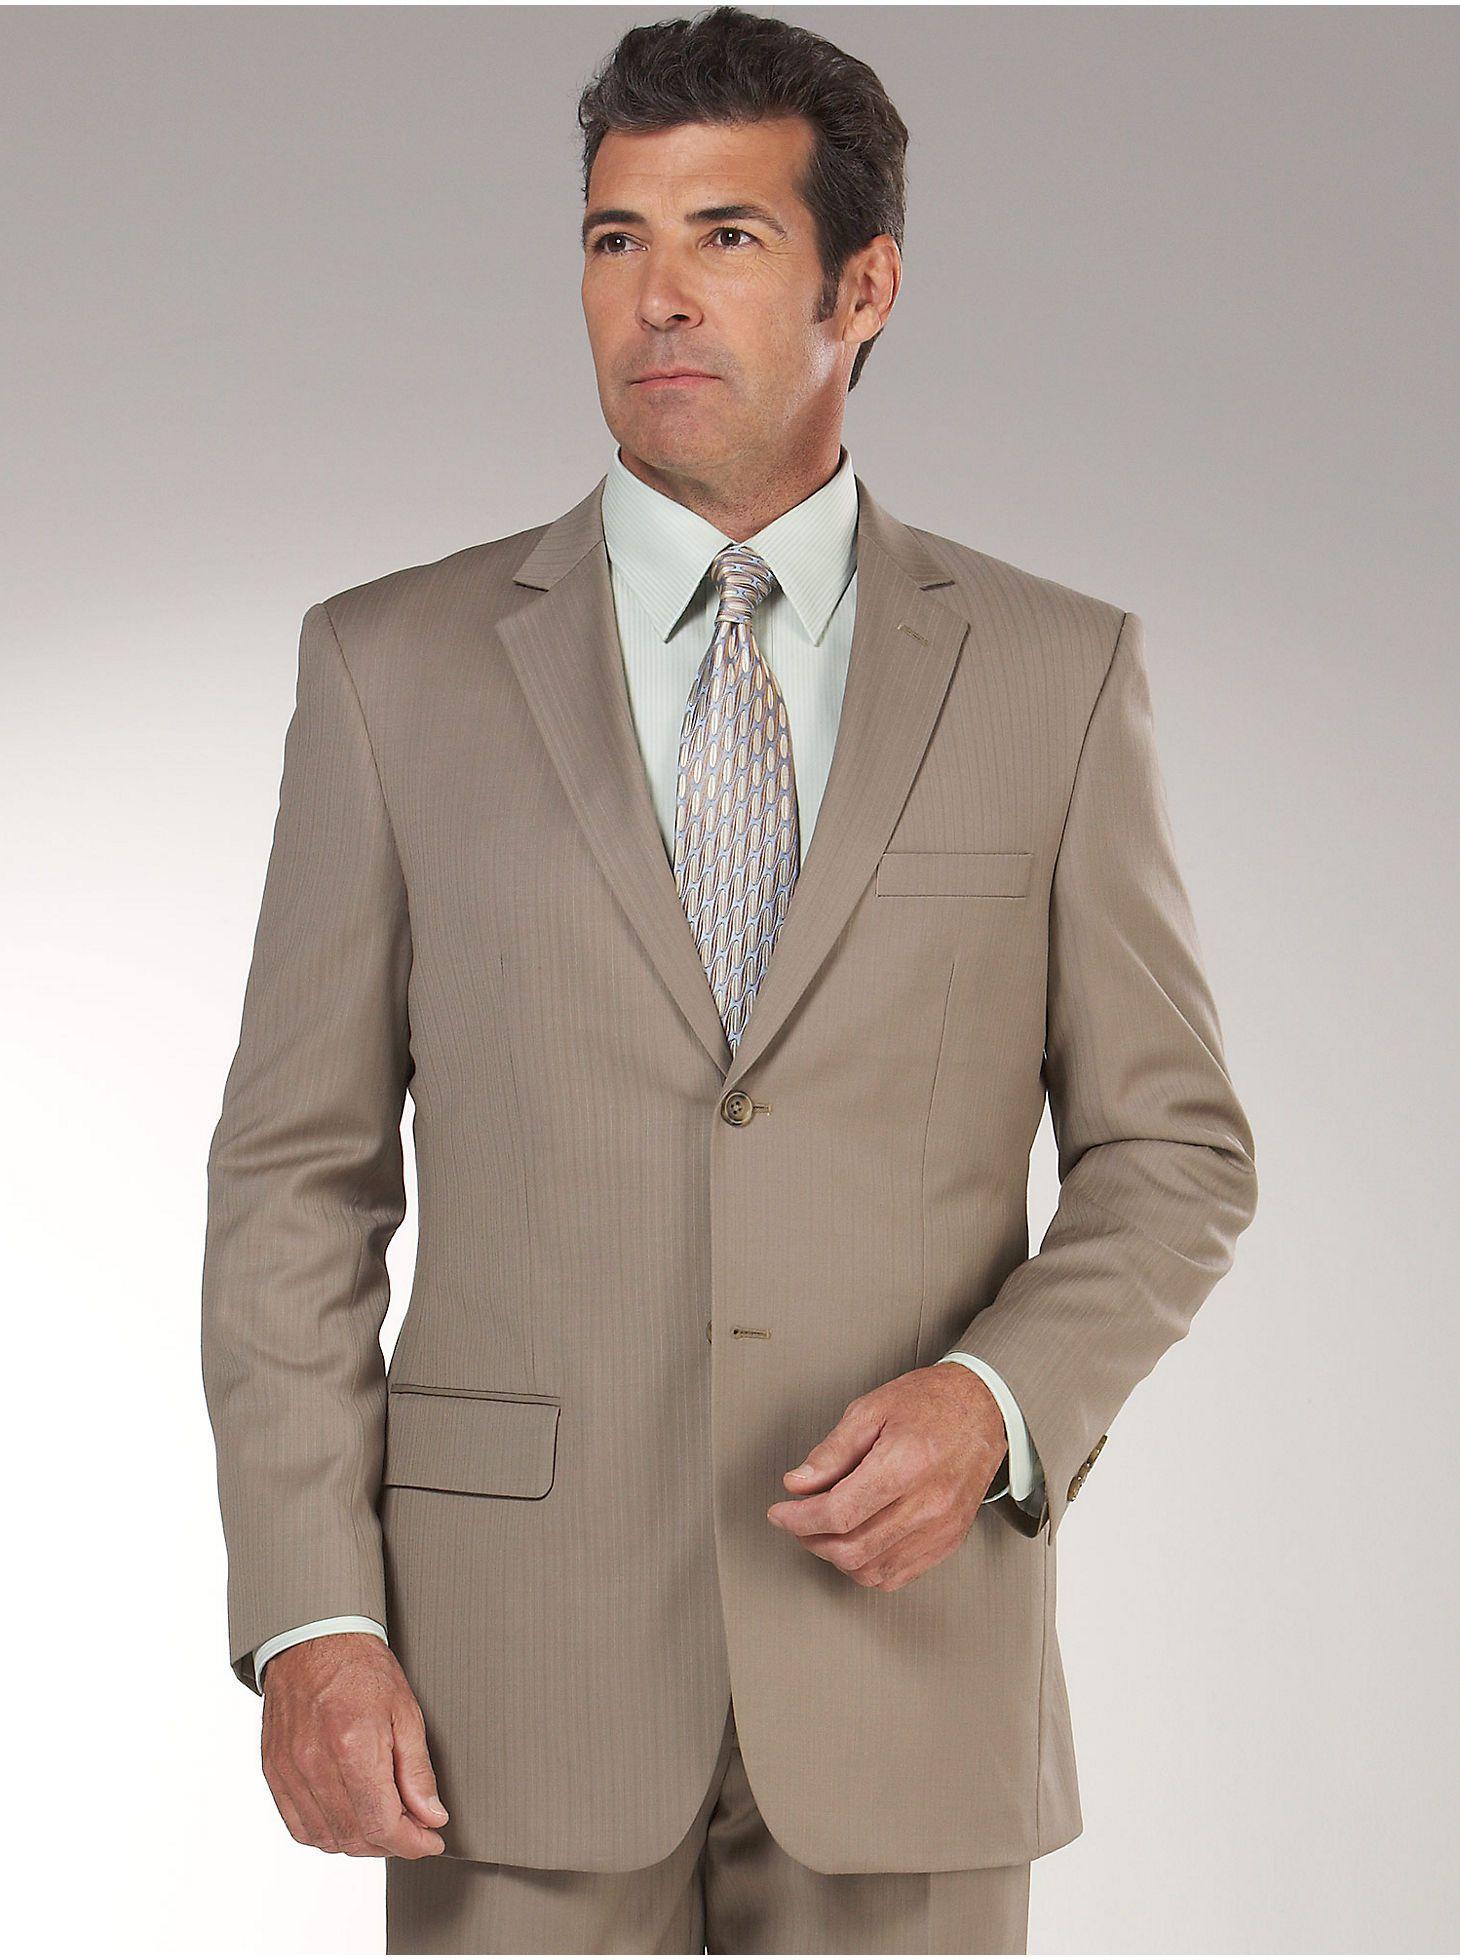 Suits & Suit Separates - Pronto Uomo Tan Stripe Suit - Men's ...